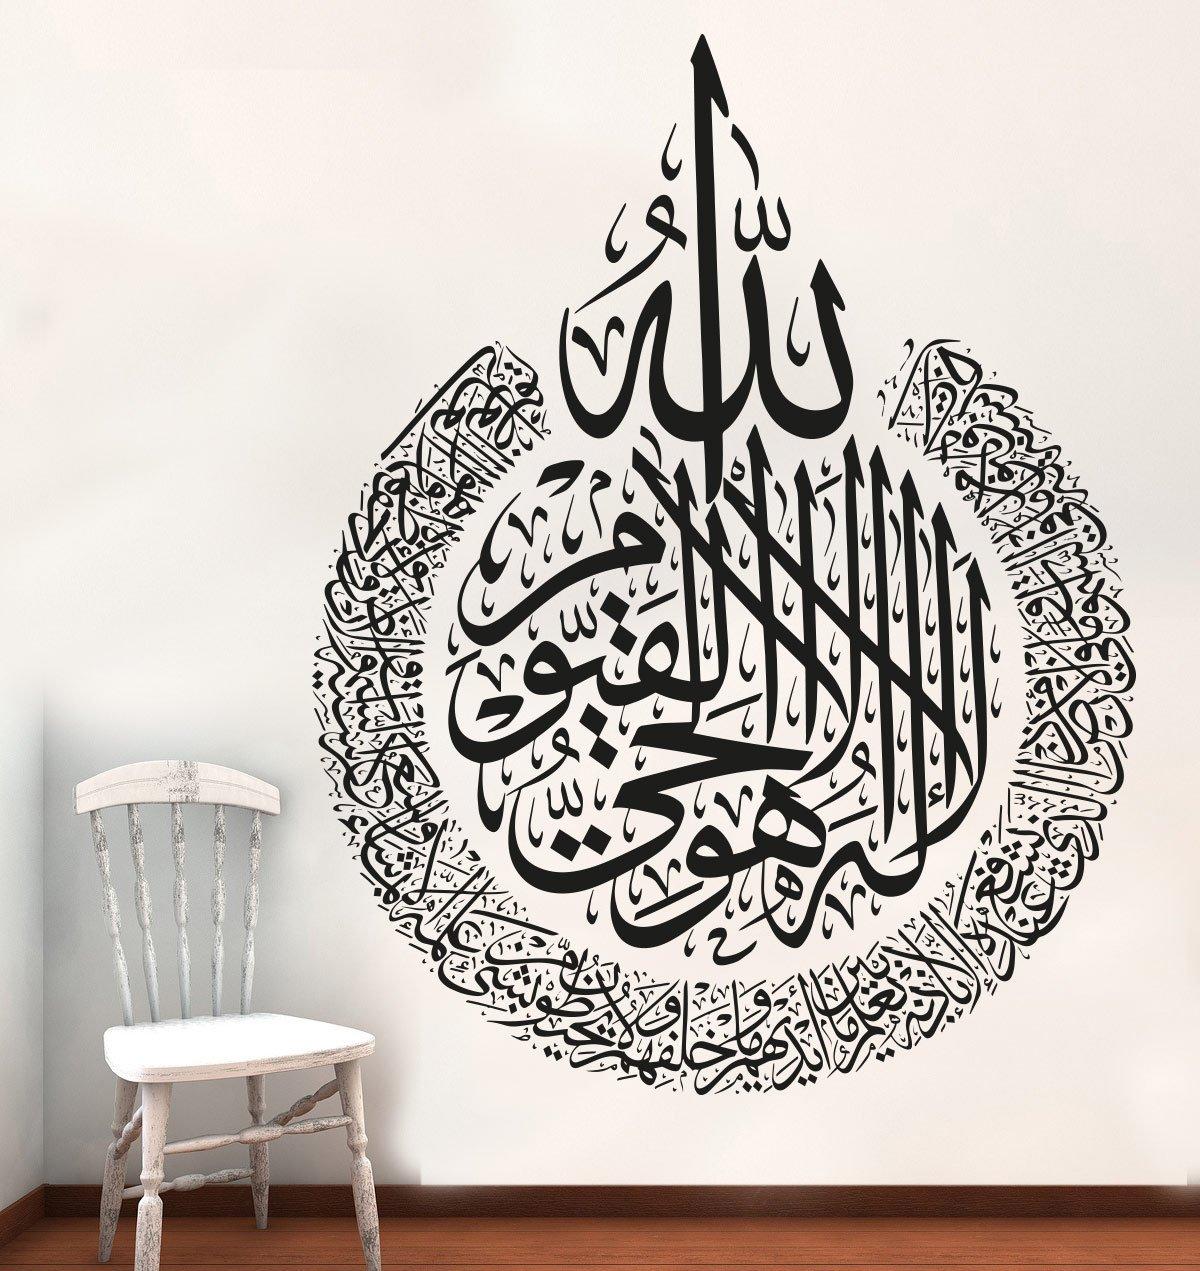 Ayat Alkursi - Der Thronvers Wandtattoo Rund 120 x 154 cm Islam Wandtattoo Koran Schrift Islamische Wandtattoos